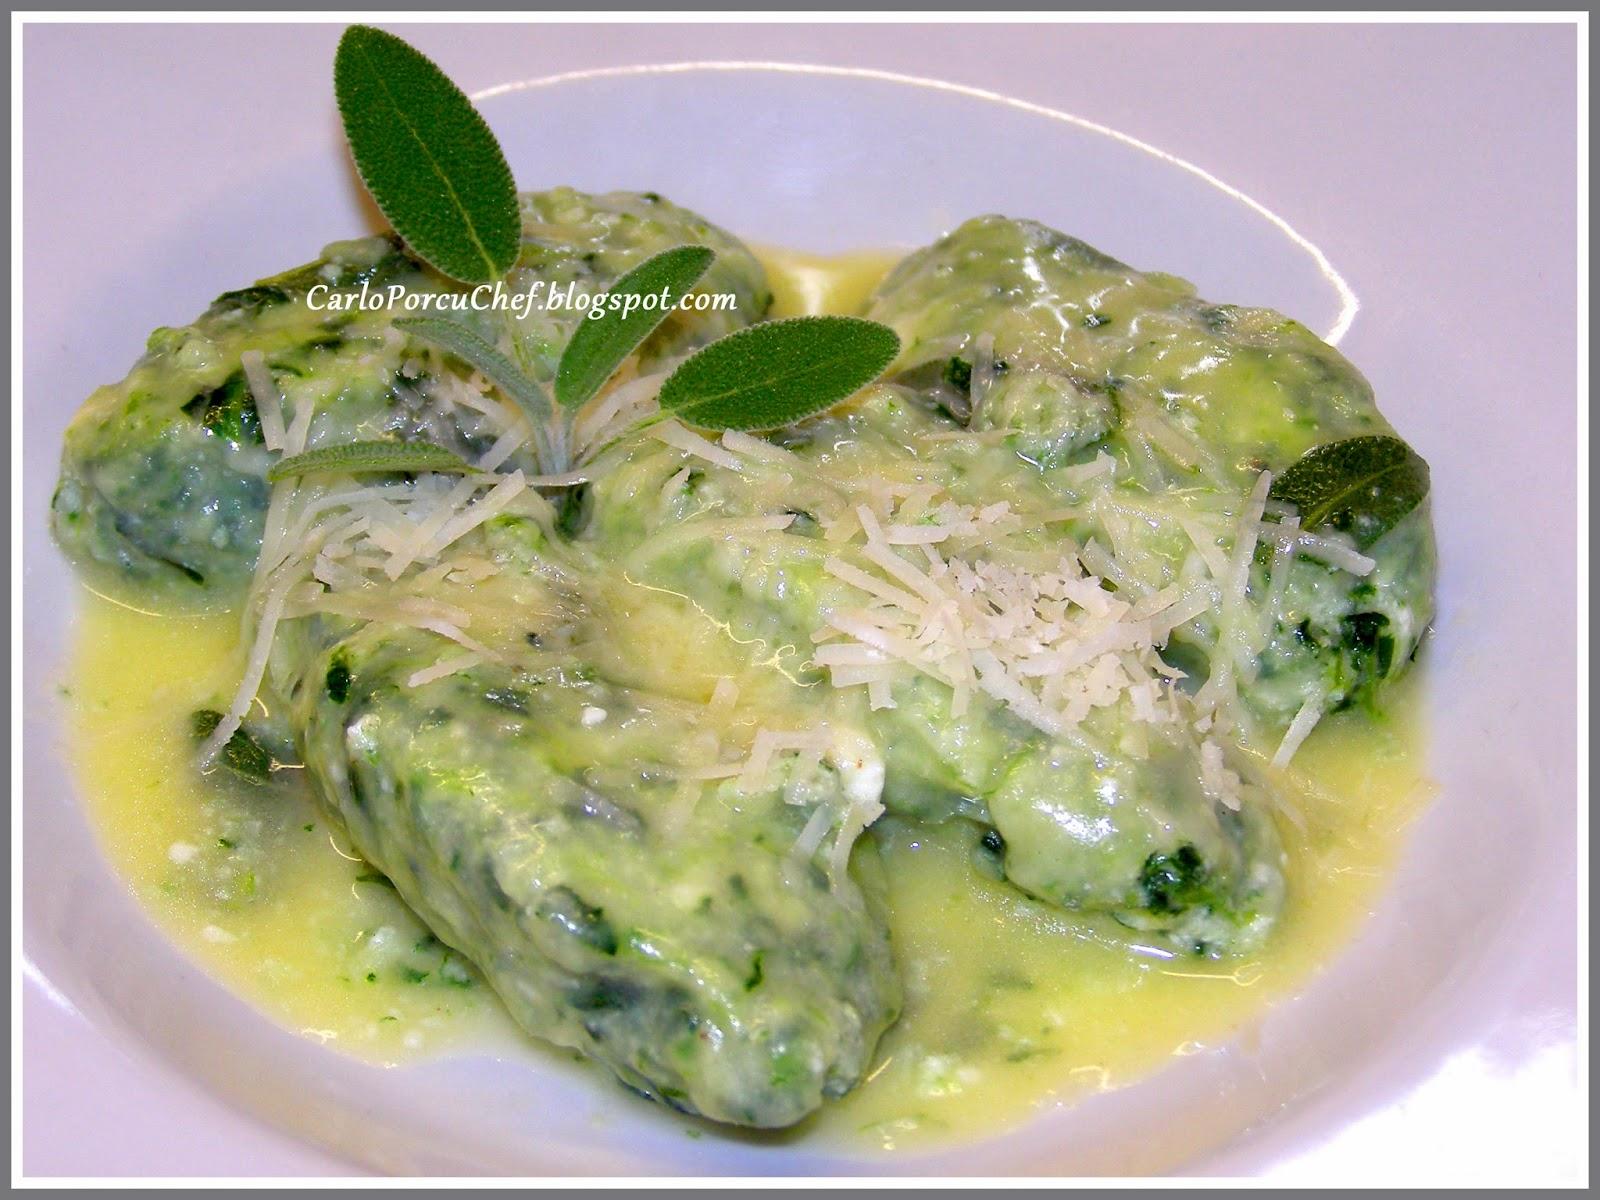 Gnudi Ricetta In English.Carlo Porcu Chef Ricetta Gnudi Con Burro E Salvia